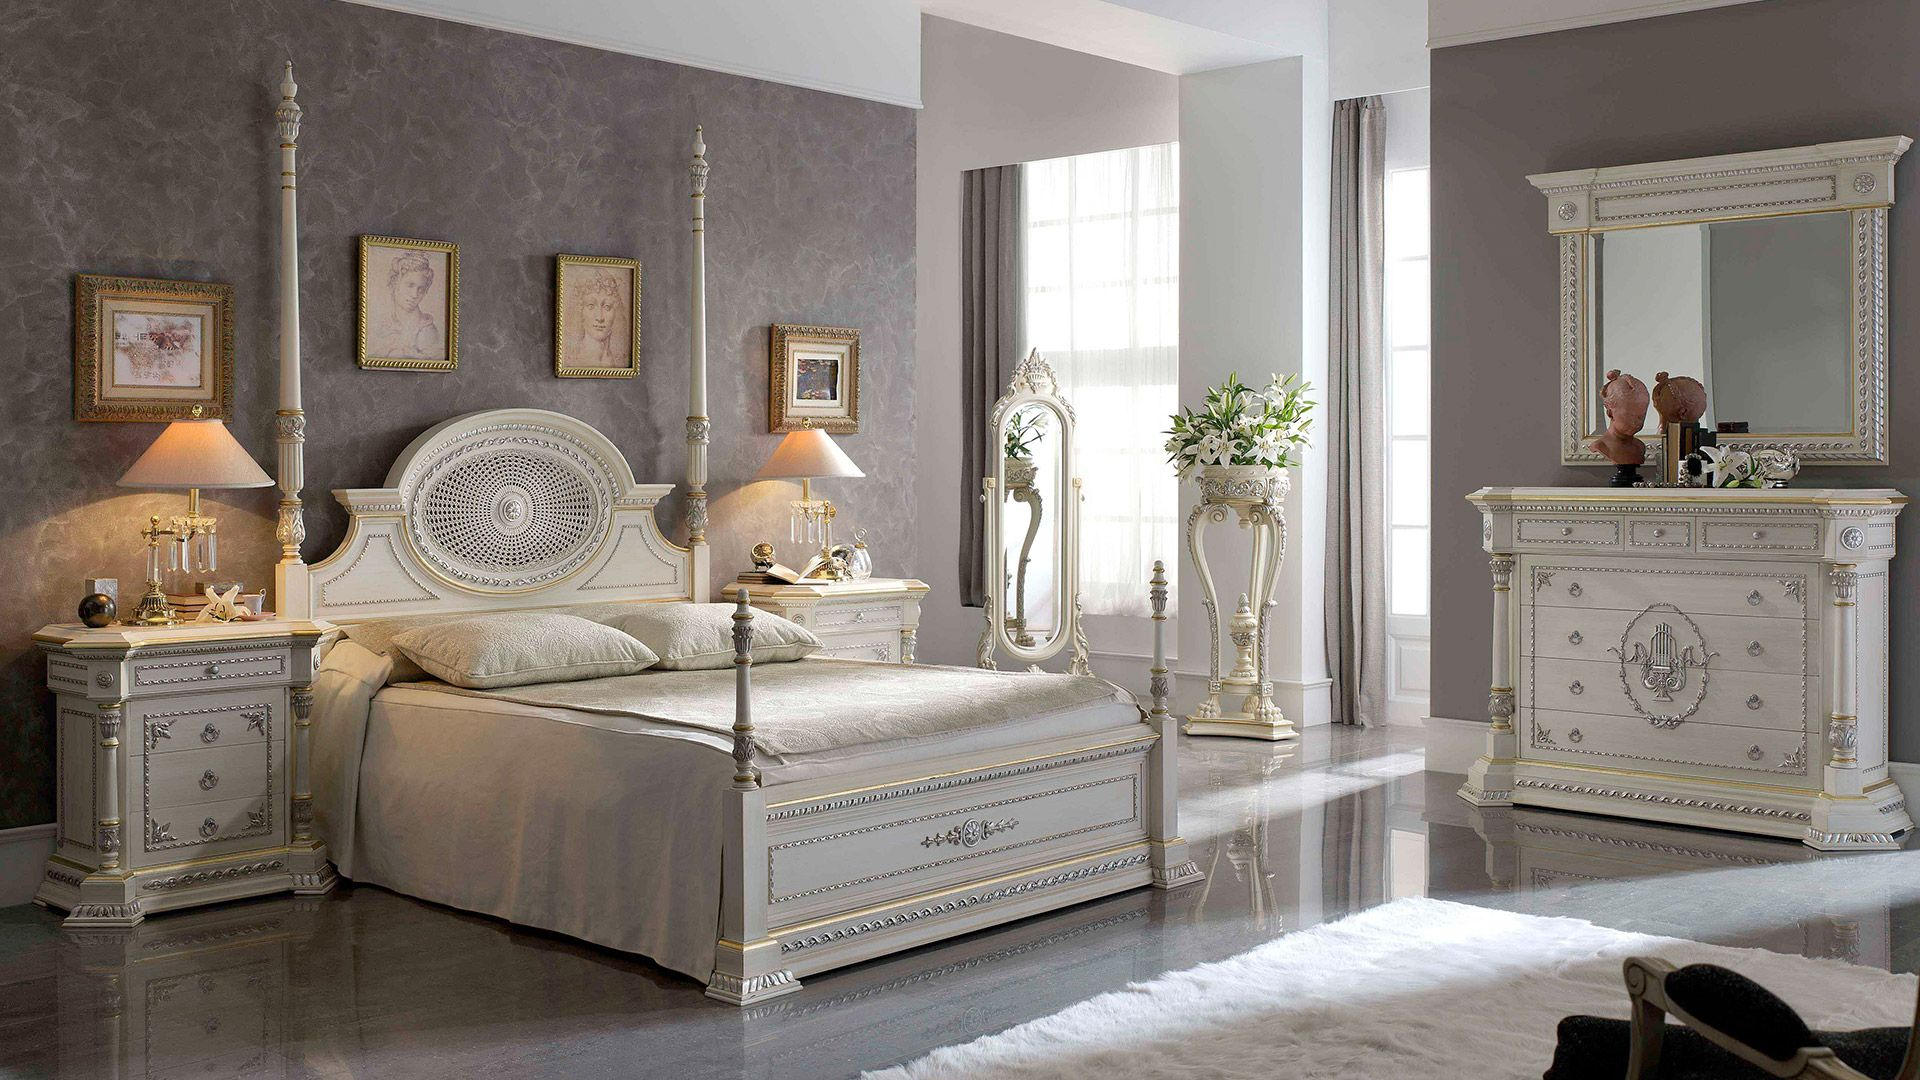 Dormitorios de lujo muebles de lujo pic bonitos for Cuartos de ninas lindos